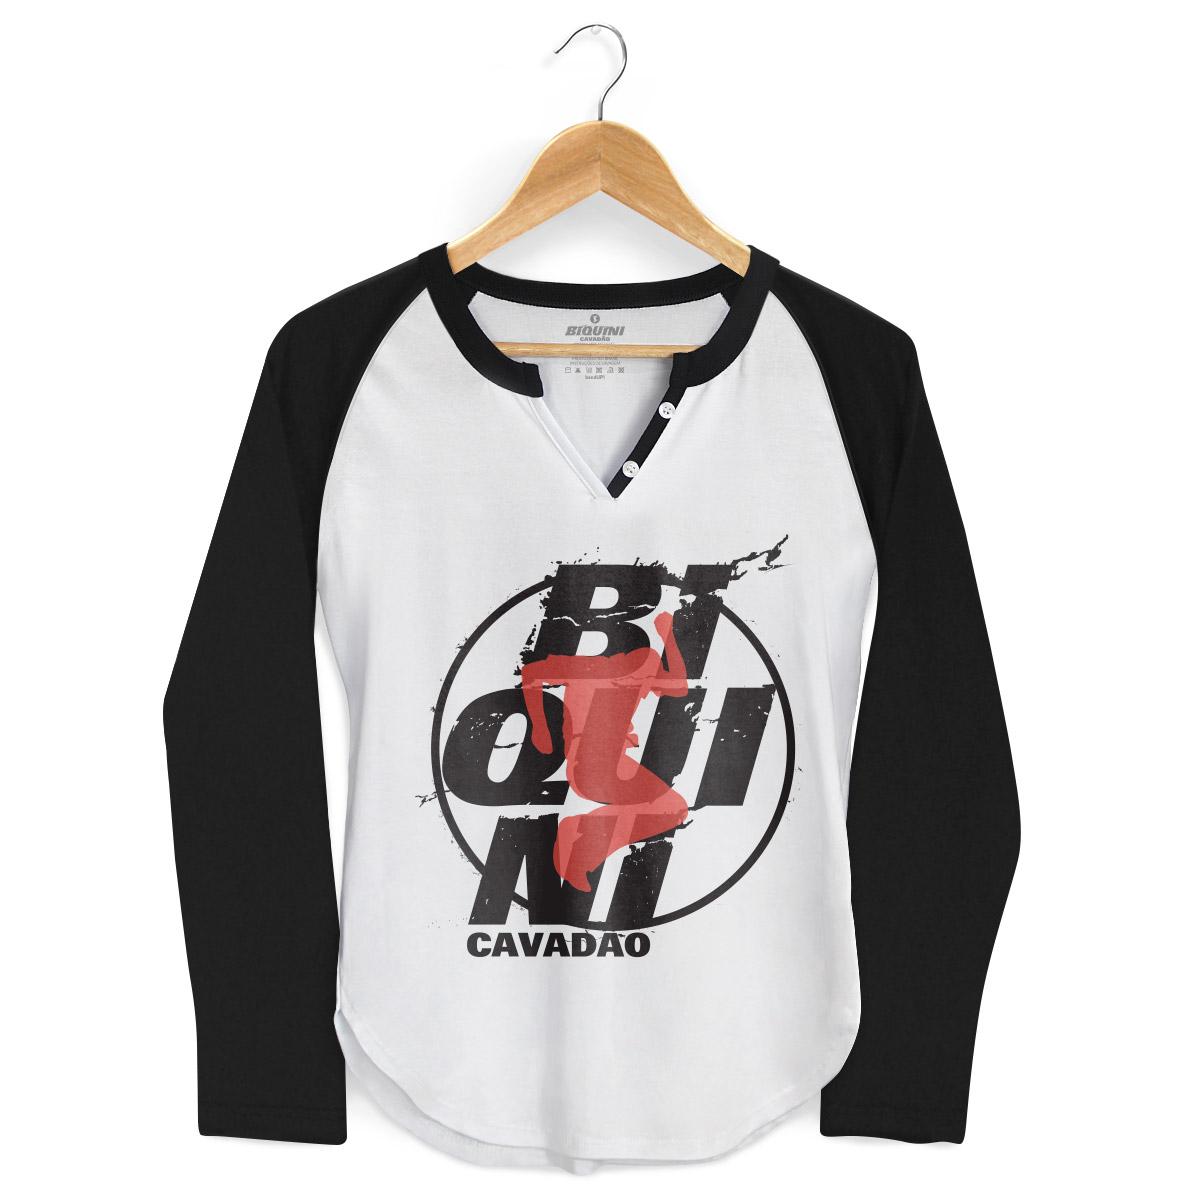 Camiseta Raglan Feminina Biquini Cavadão Logo Ao Vivo